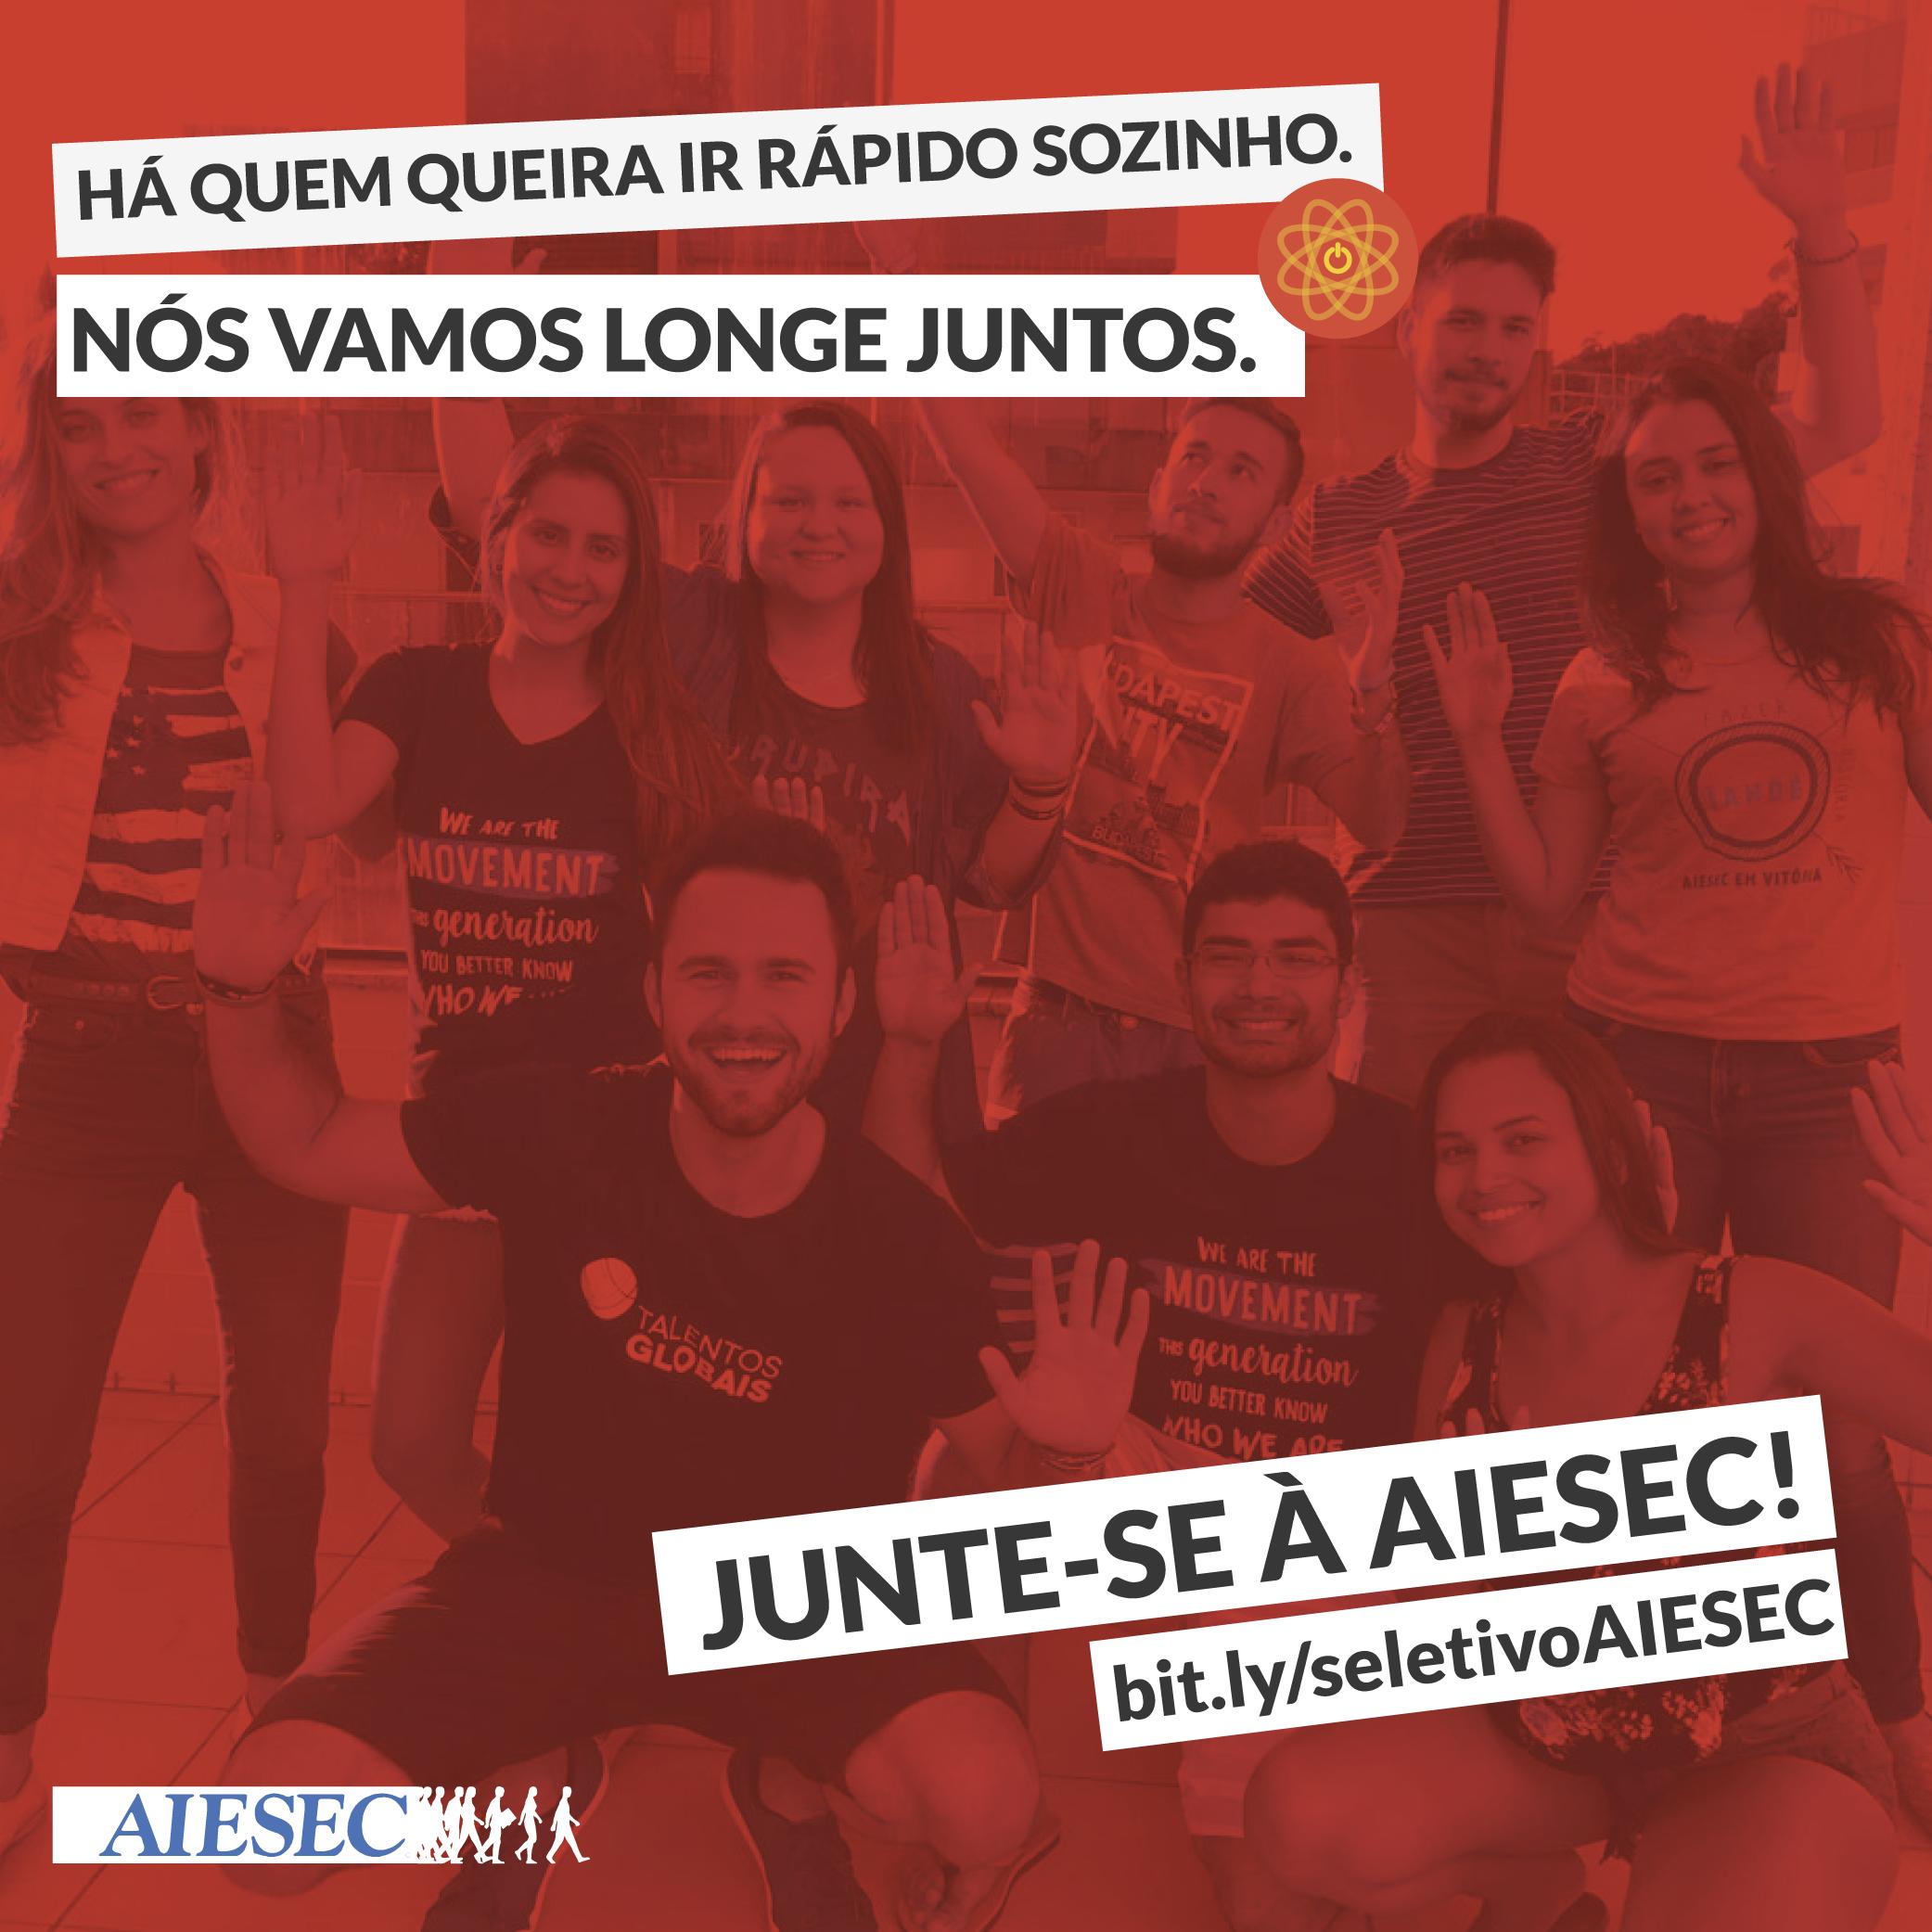 e2e10fff10 AIESEC Vitória abre processo seletivo para o recrutamento de novos membros